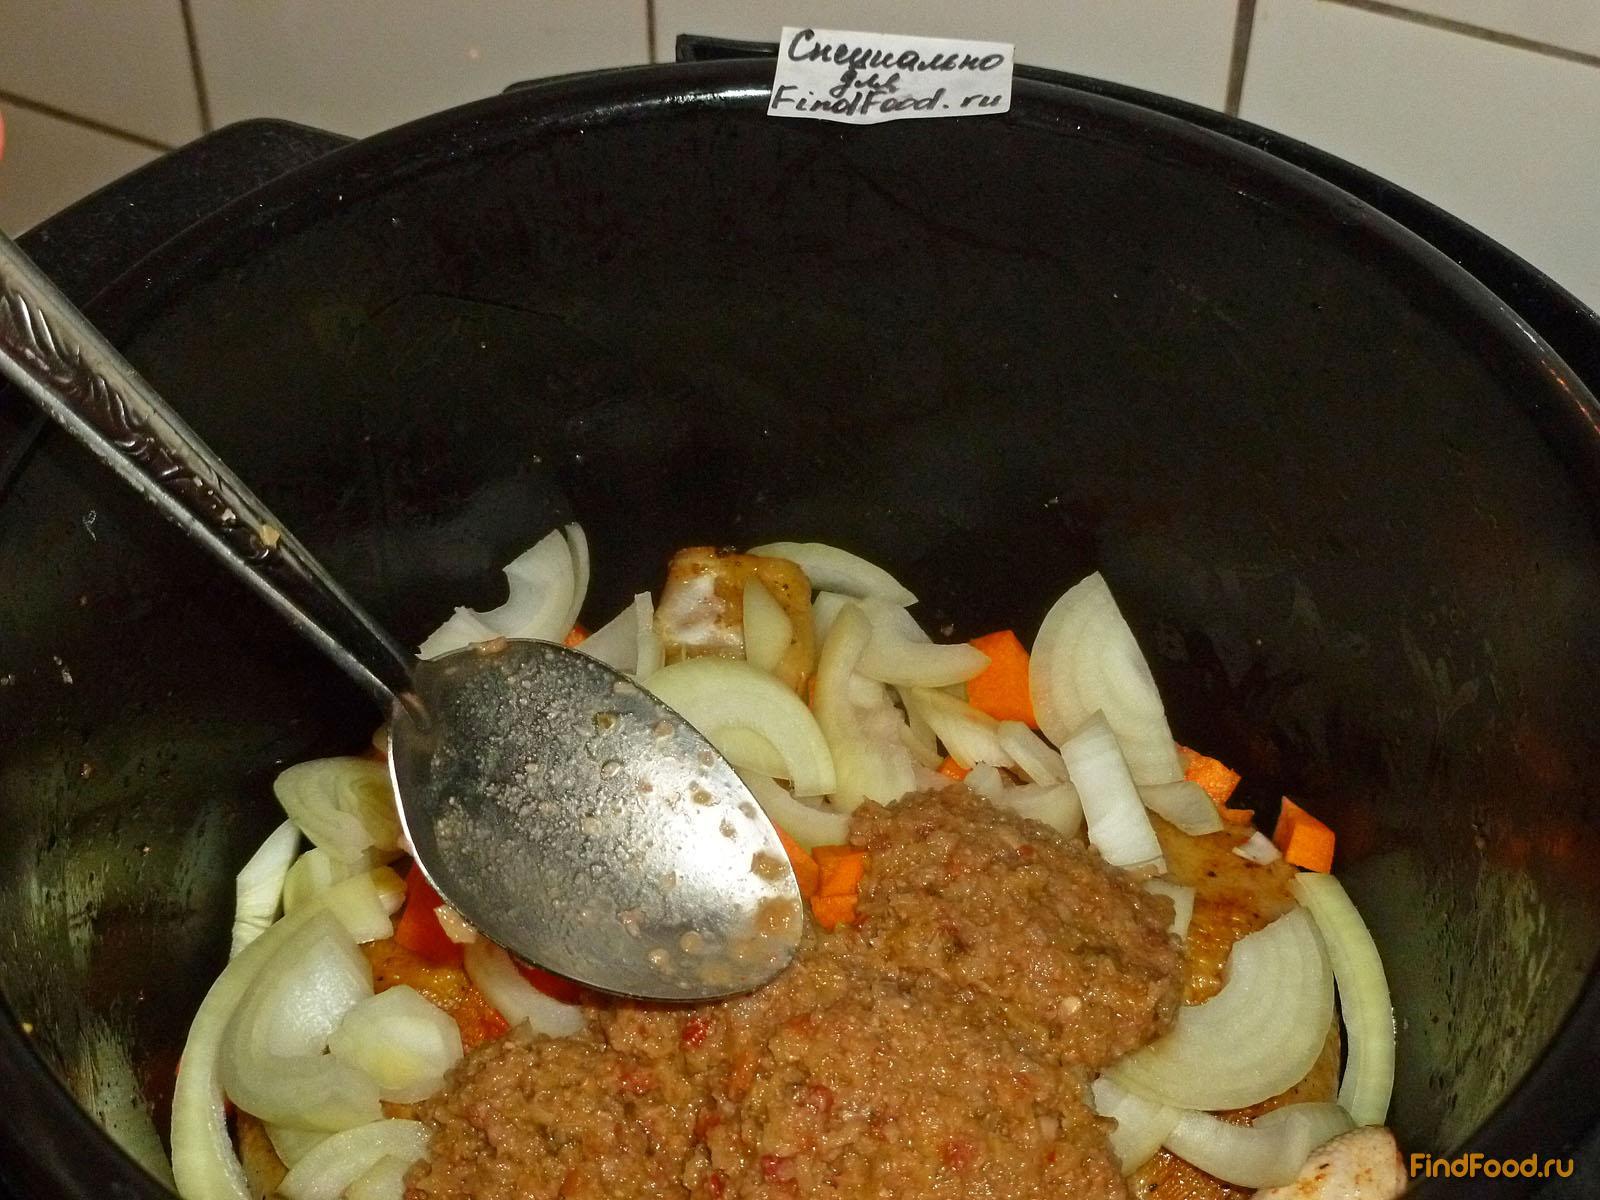 Как готовить голень курицы в мультиварке пошаговый фото рецепт